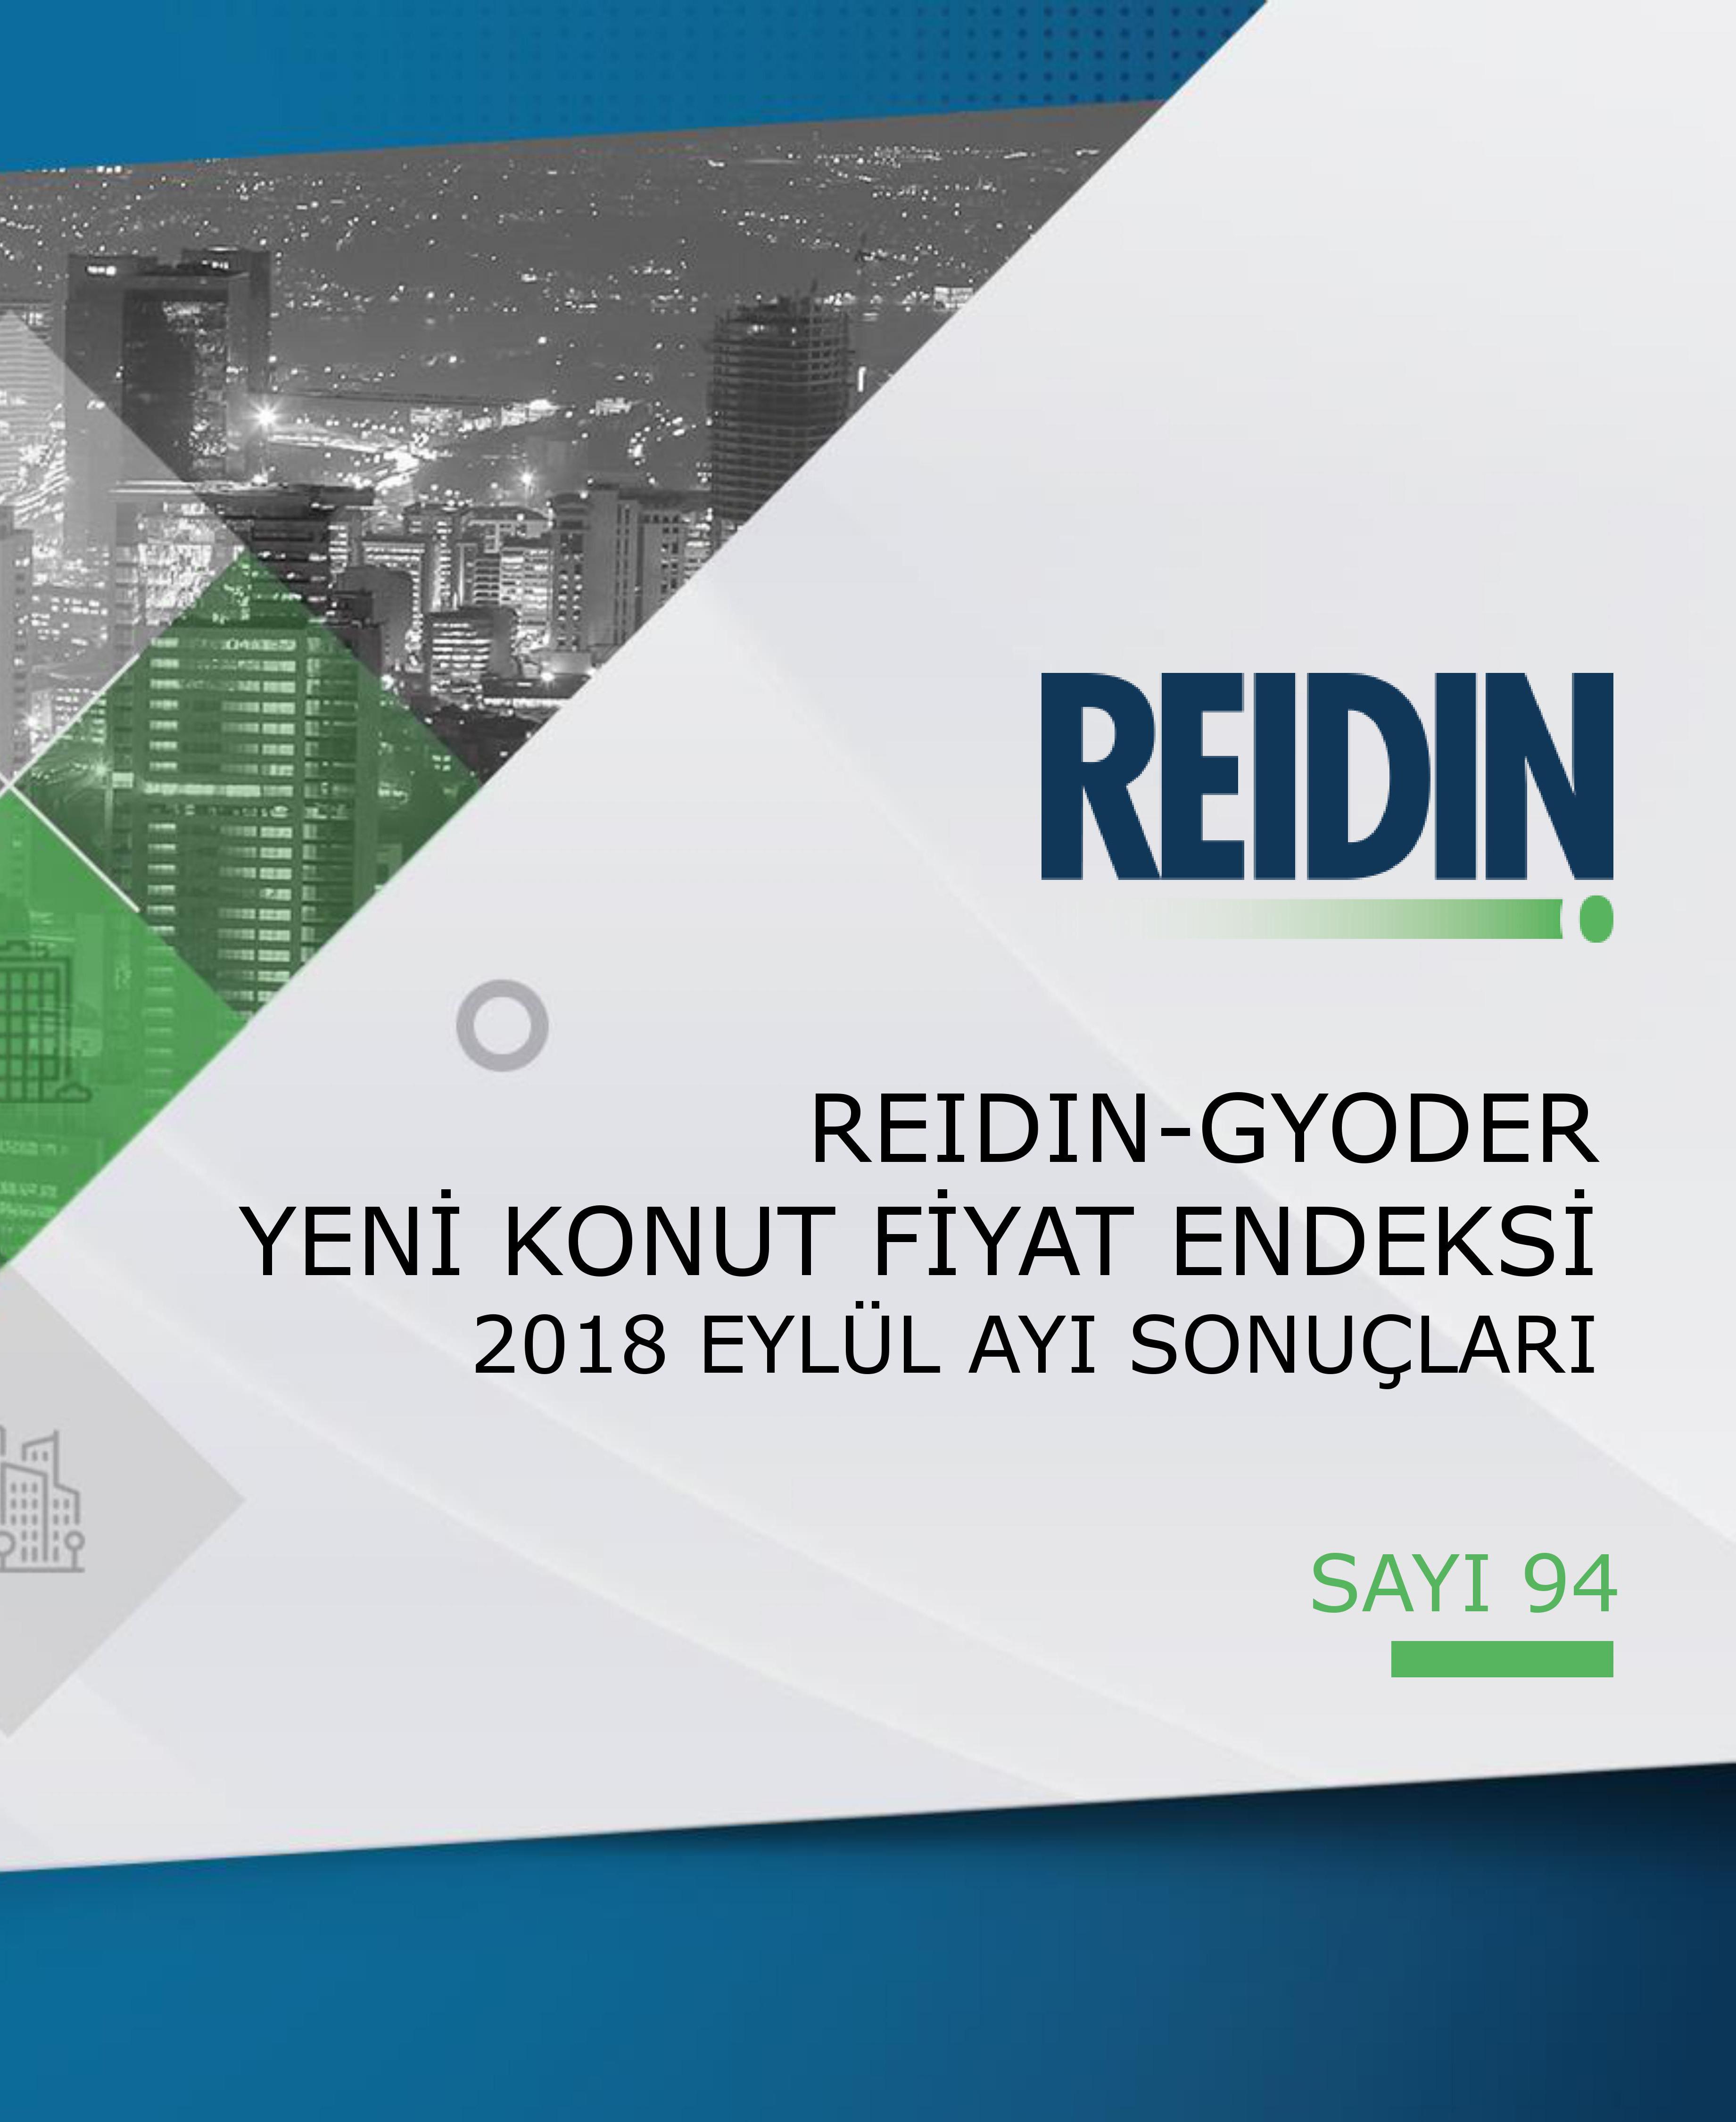 GYODER, Yeni Konut Fiyat Endeksi'nin Eylül 2018 Raporu'nu açıkladı.